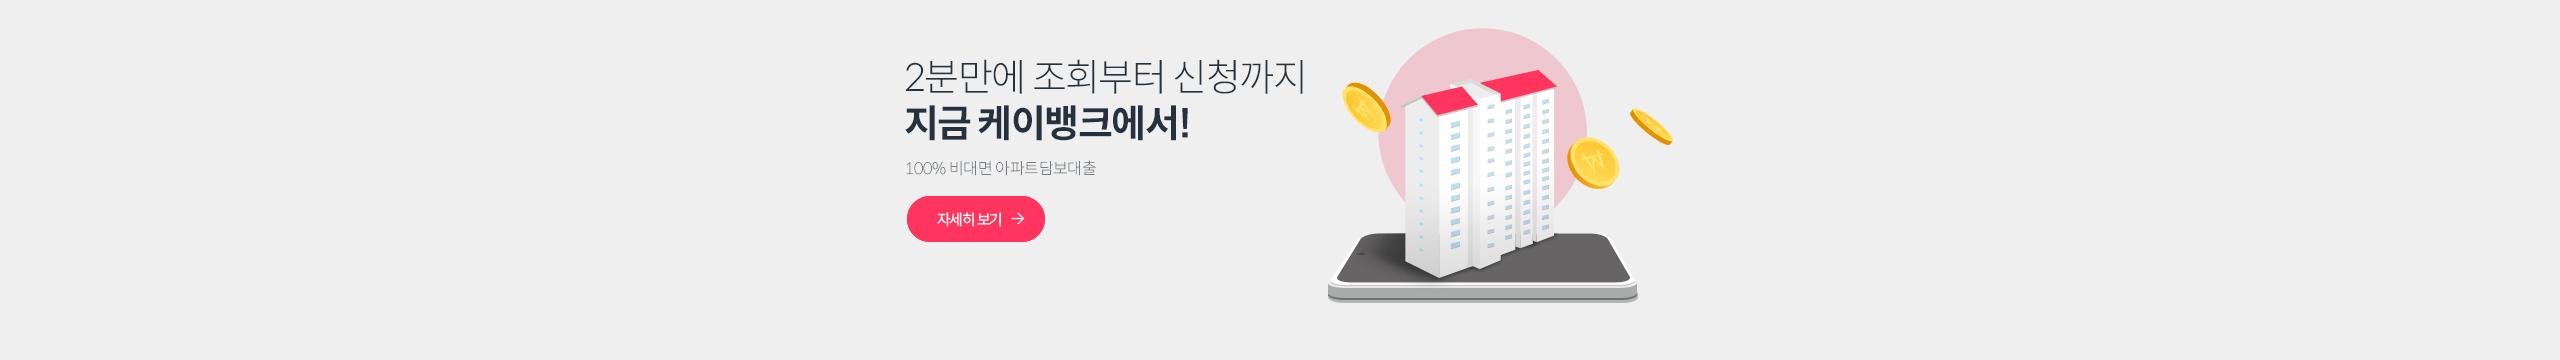 케이뱅크 아파트담보대출 소개